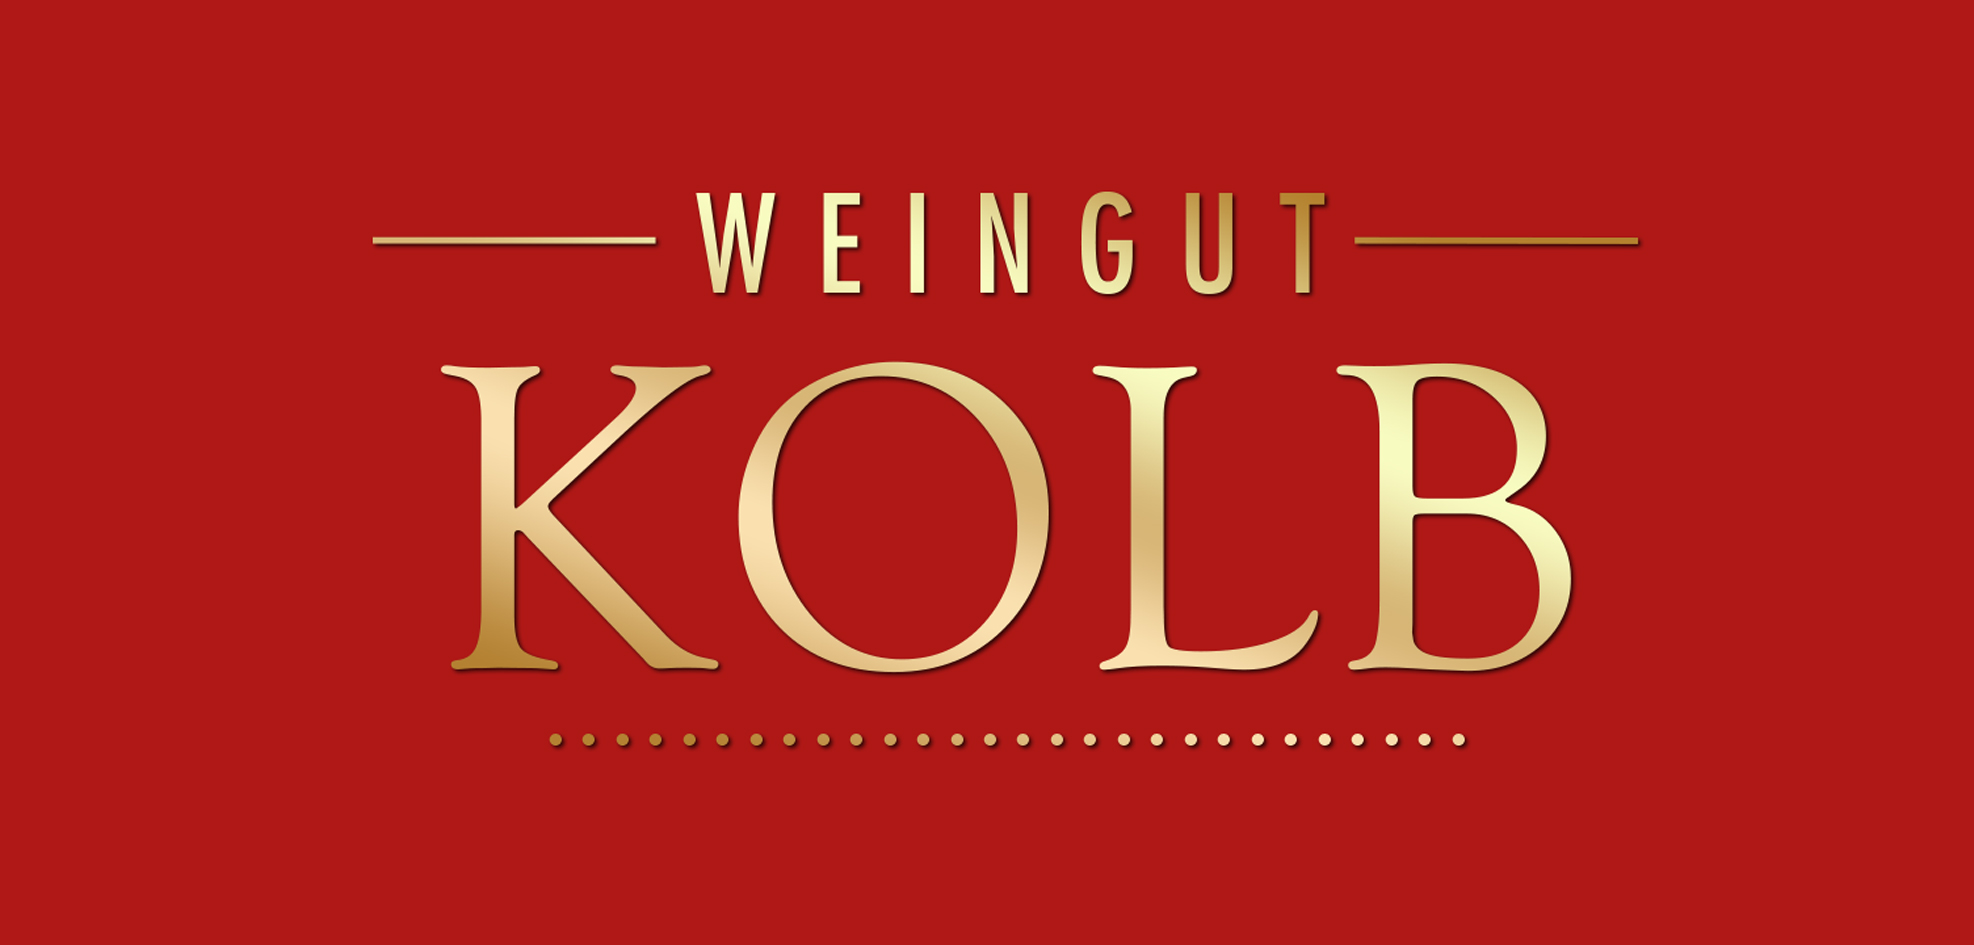 Onlineshop Weingut Kolb Weinolsheim